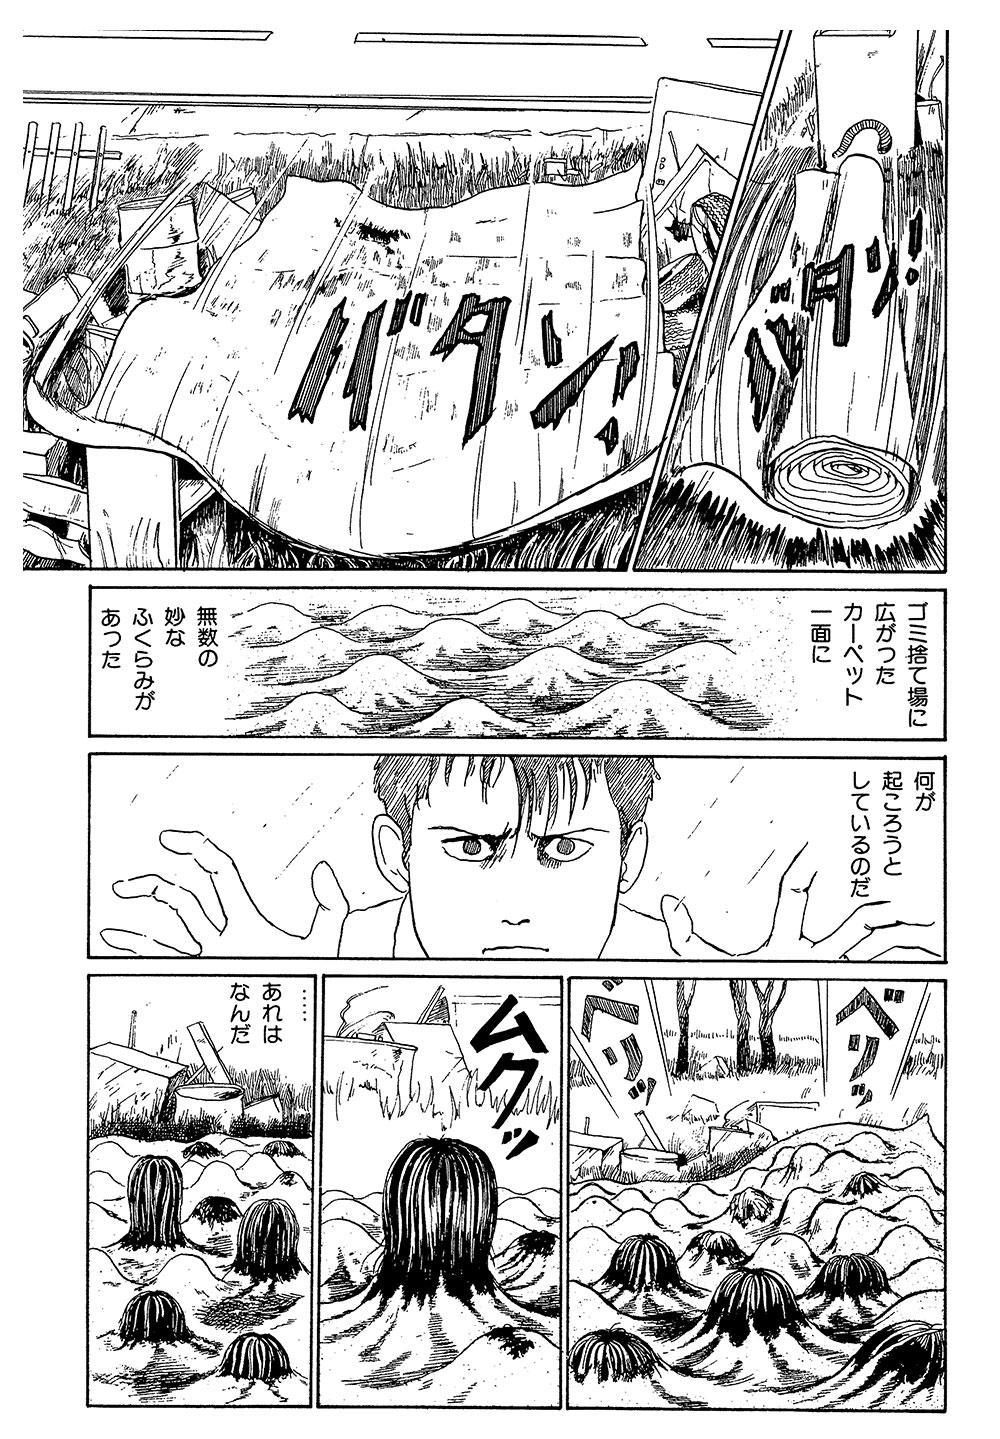 伊藤潤二傑作集 第5話「富江 接吻」⑤junji19-12.jpg